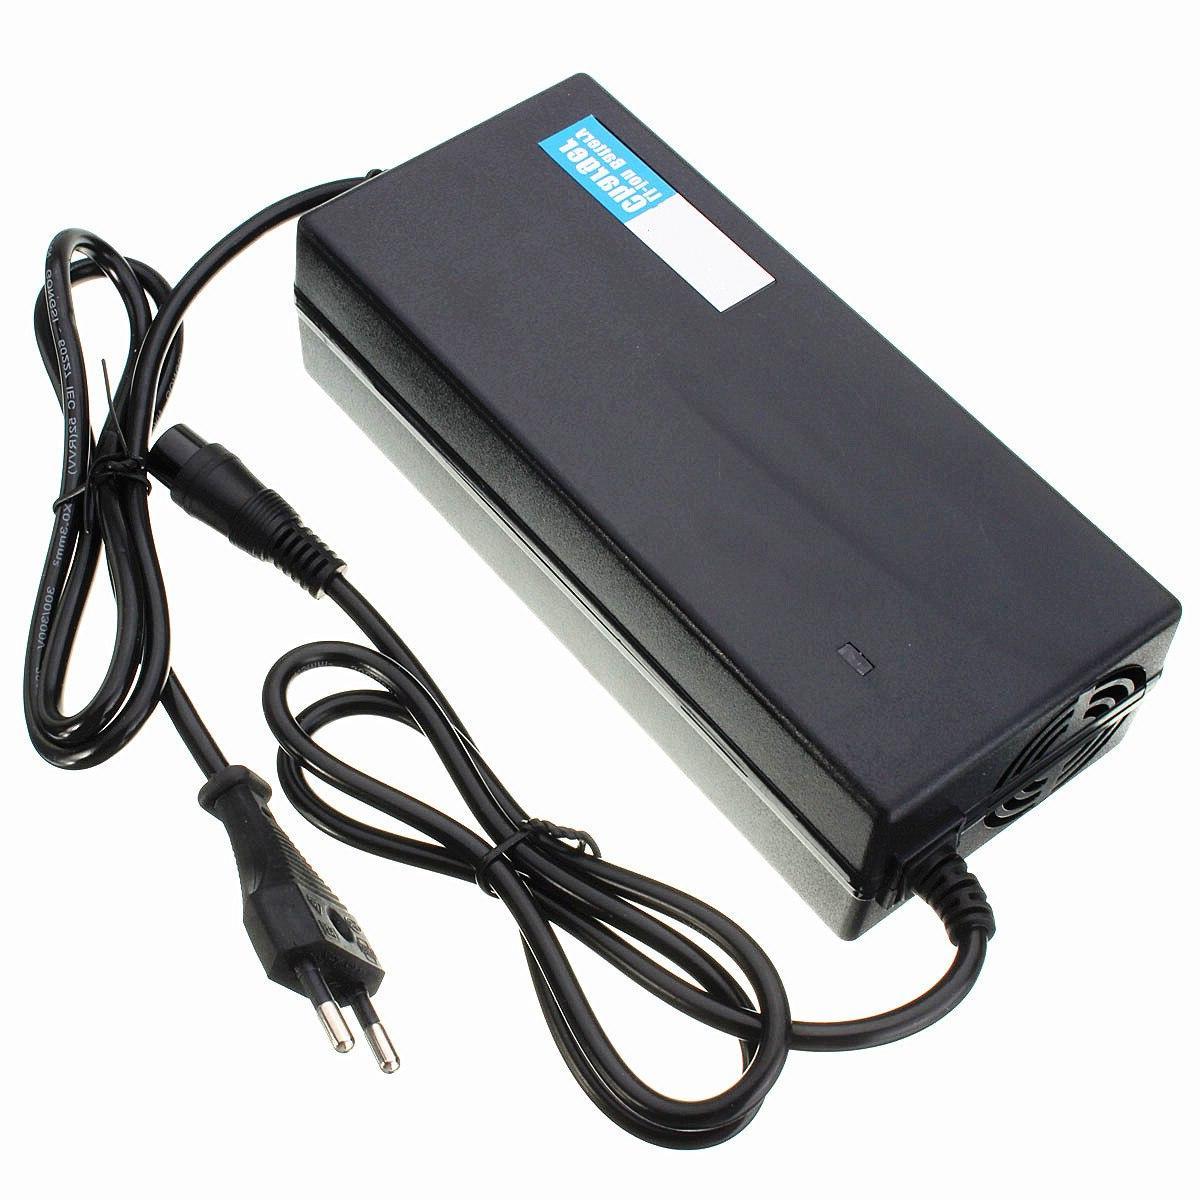 CLAITE 67.2V2A 67.2V 2A Li-ion <font><b>Battery</b></font> <font><b>Electric</b></font> Unicycle Smart <font><b>Battery</b></font> <font><b>Charger</b></font> Power